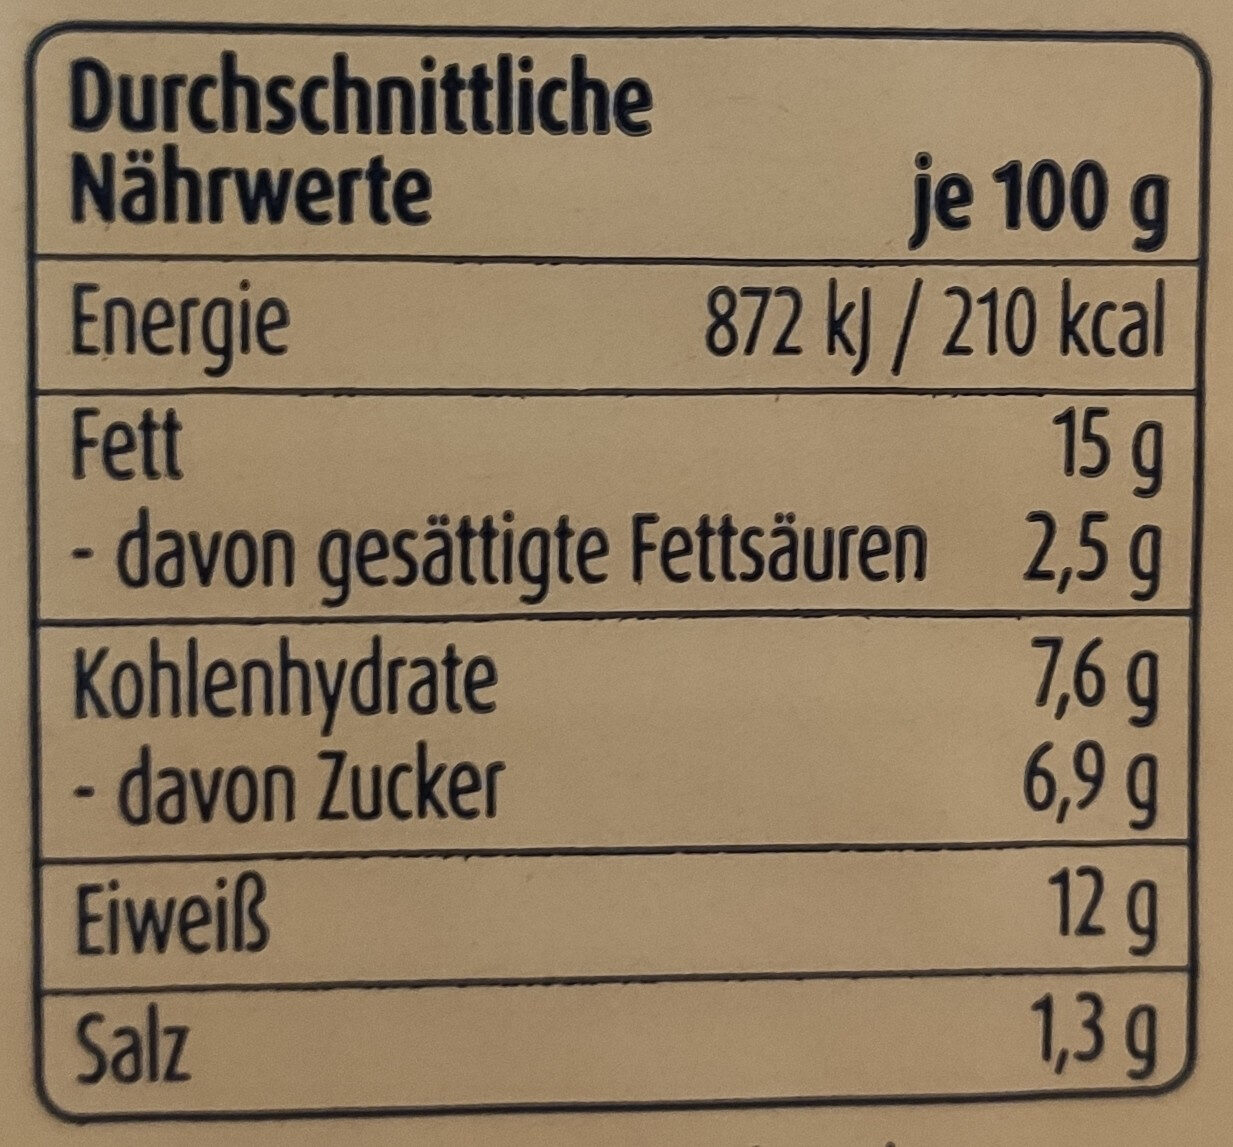 Zarte Heringsfilets Pfeffer-Mango-Creme - Nährwertangaben - de